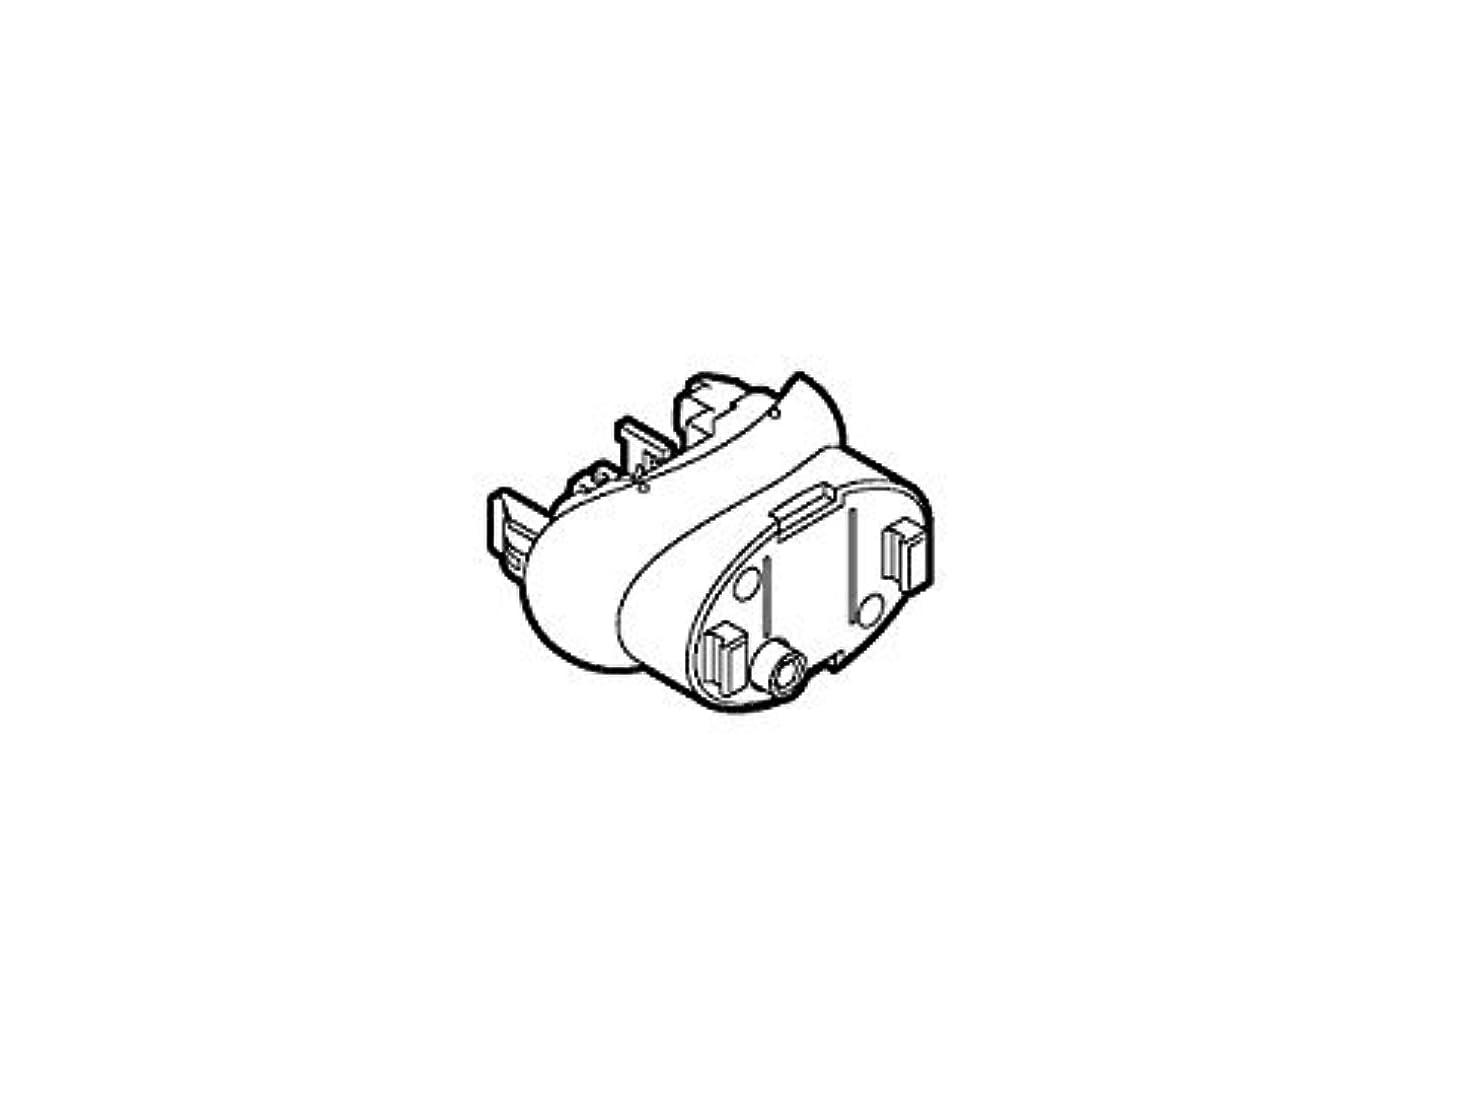 花瓶勢い伝説Panasonic シェーバーヘッド駆動部 ESWD93W0787